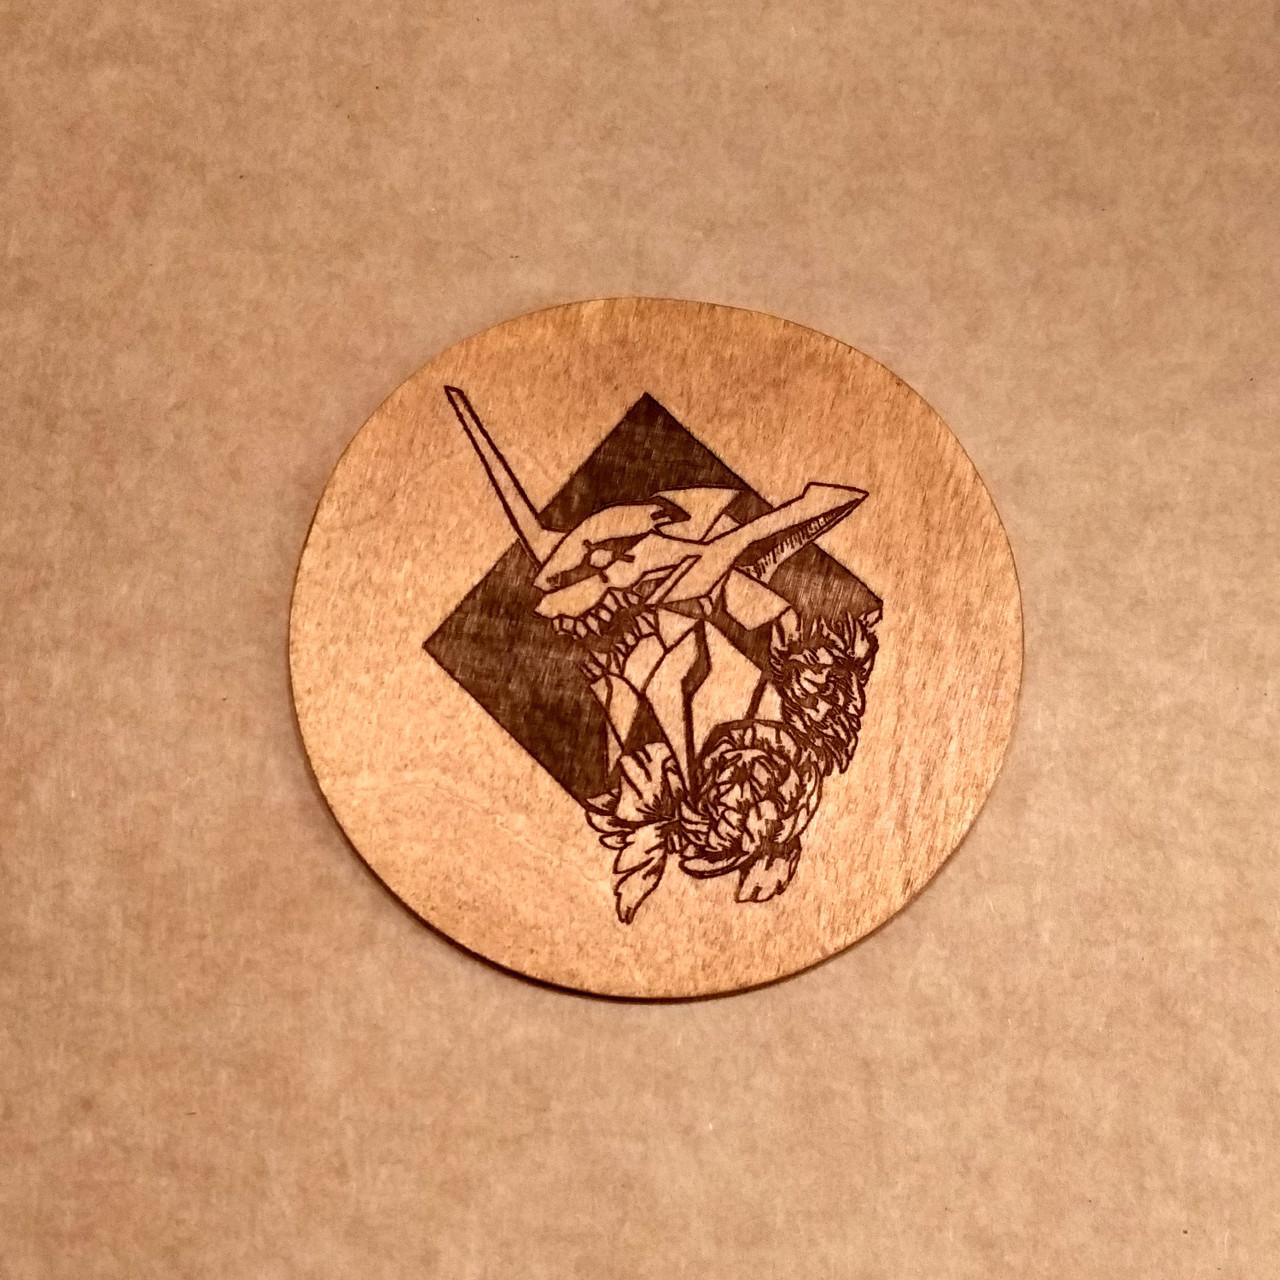 Подставка под кружку. Костер с лазерной гравировкой. Костер деревянный. Подставка под кружку Евангелион.